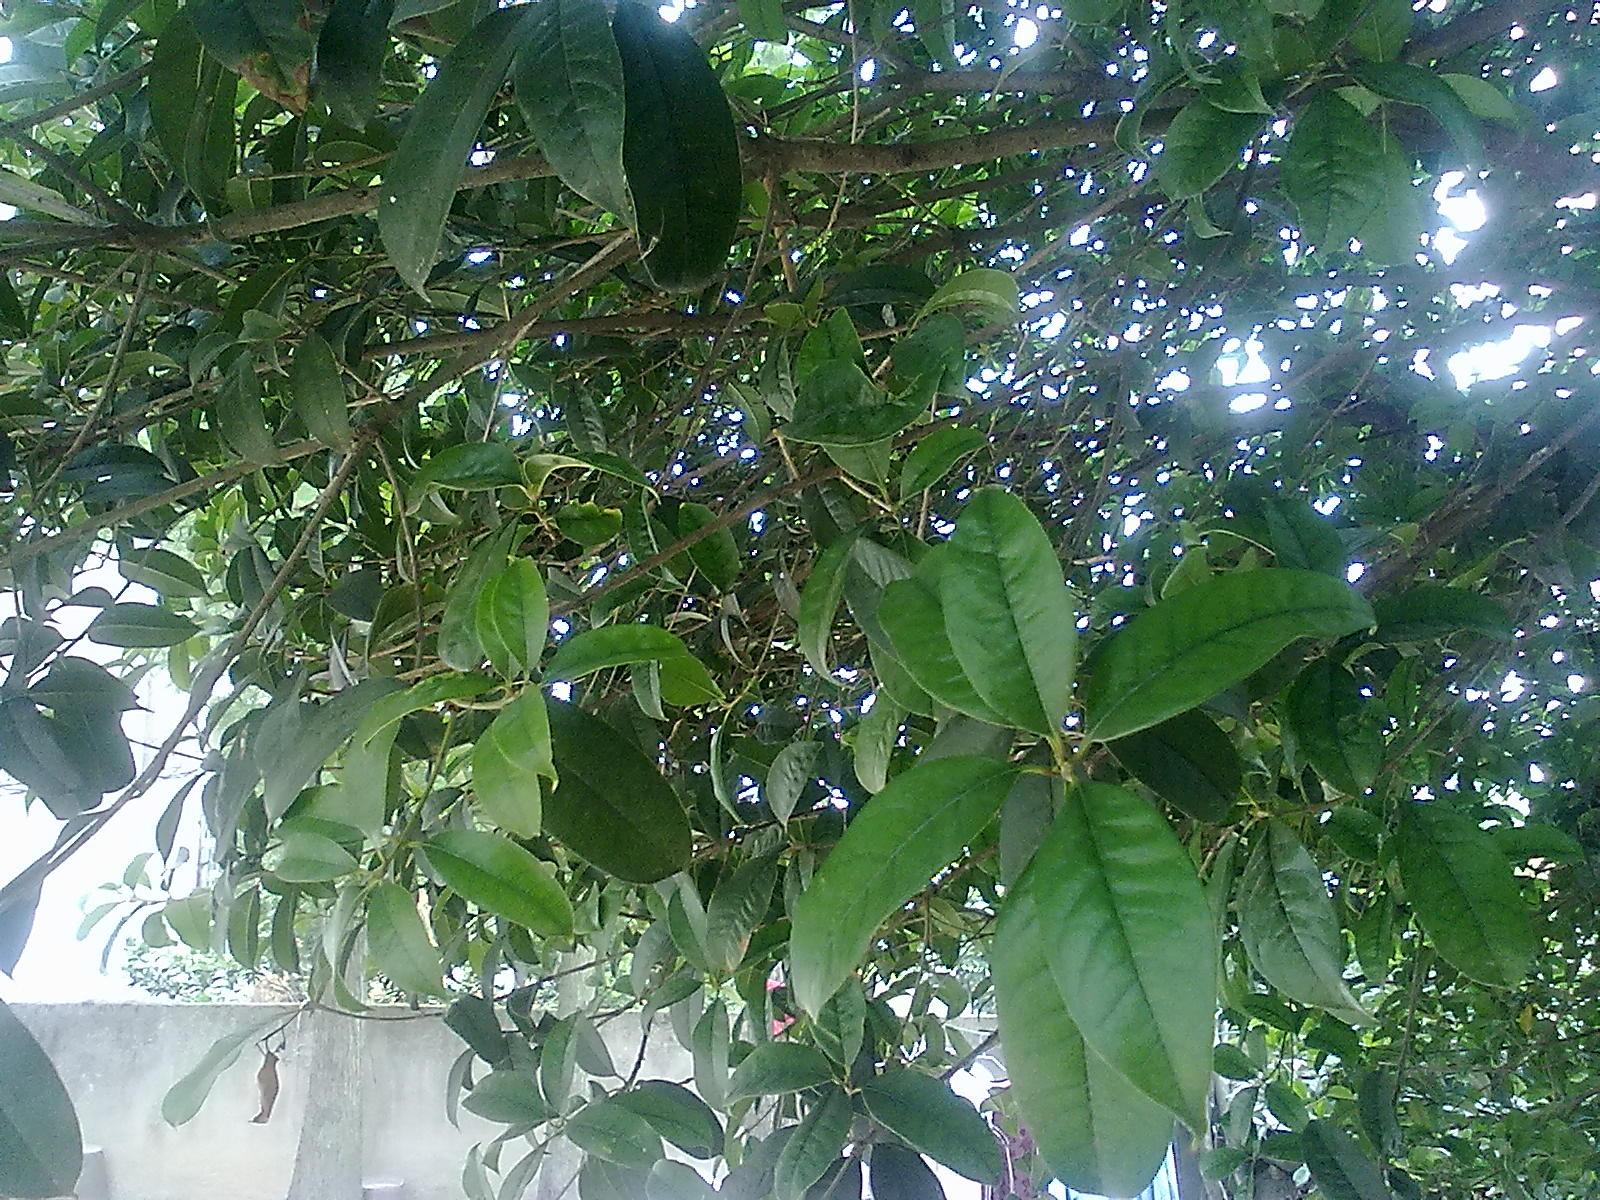 桂花新品种图片_请问这颗桂花树是什么品种的啊?_百度知道